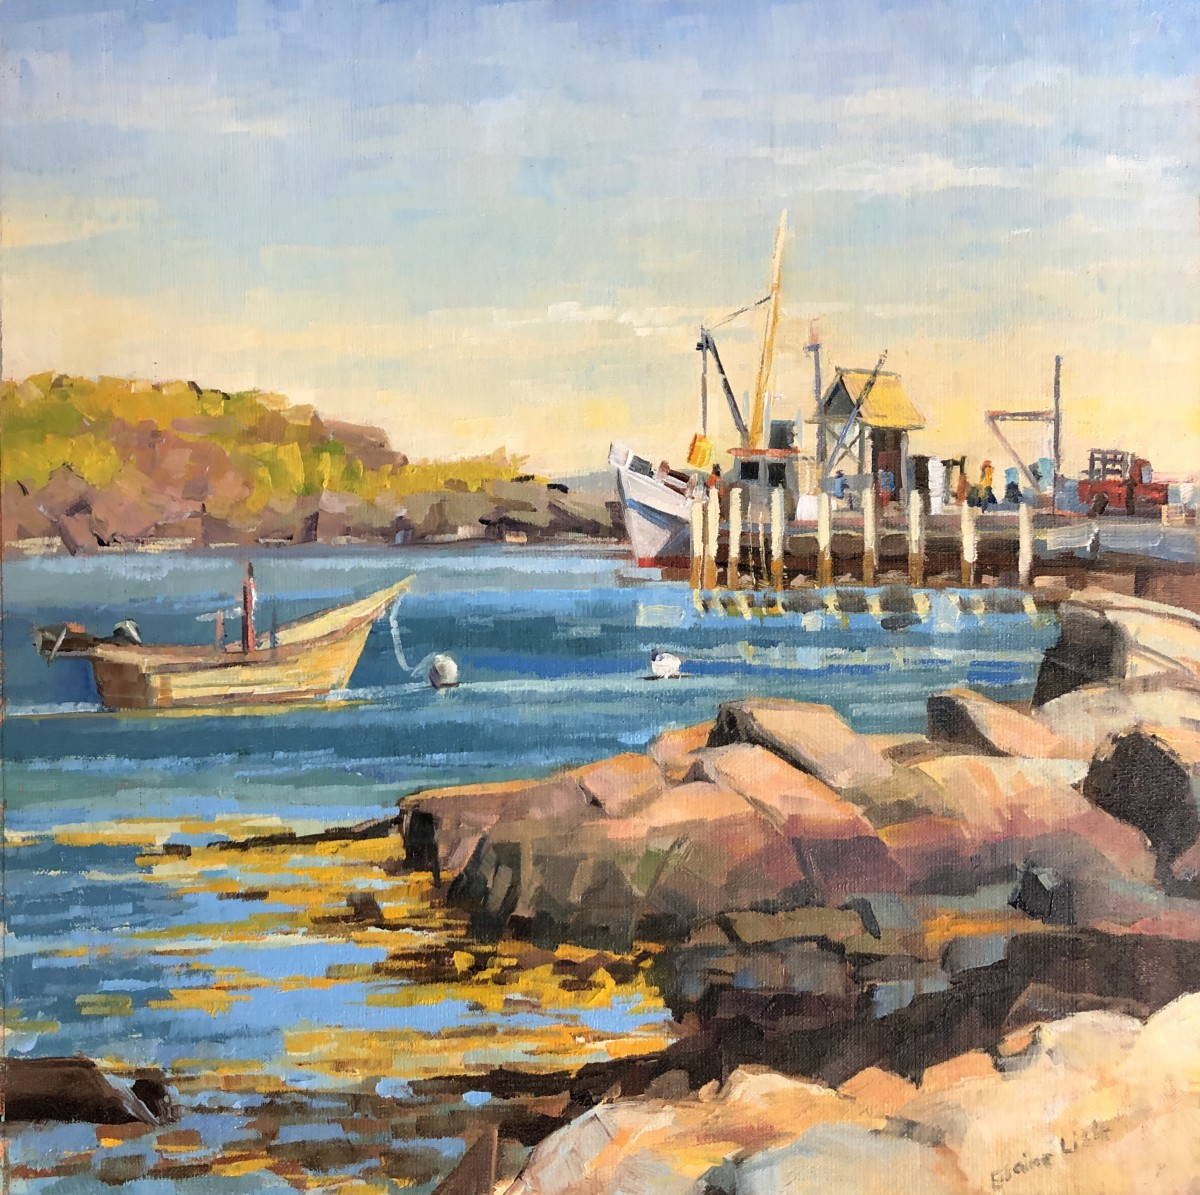 Loading Dock by Elaine Lisle